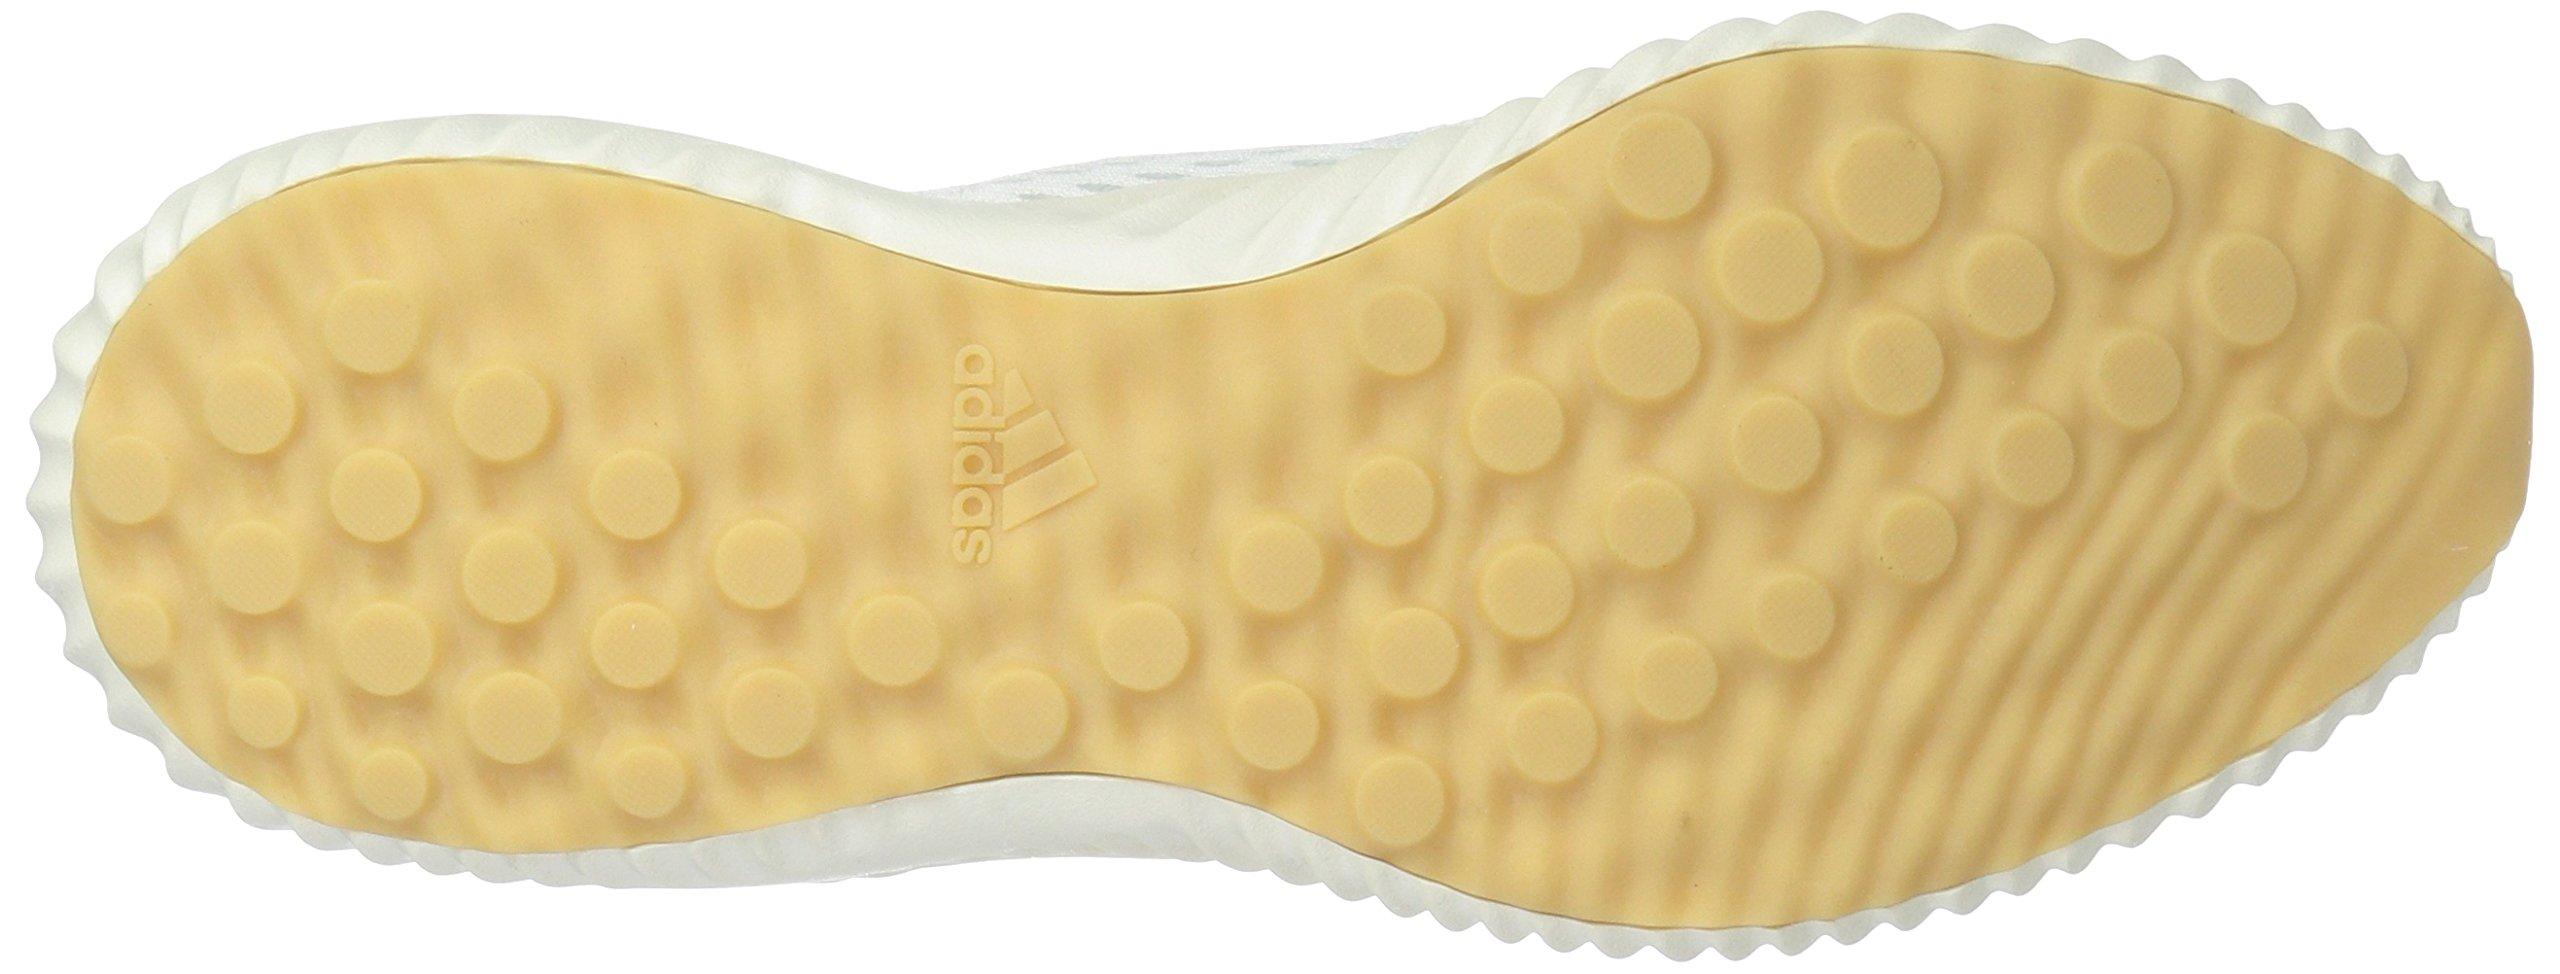 Zapatillas de running adidas 1 Alphabounce 1 Parley 1 adidas m, running neón f87121